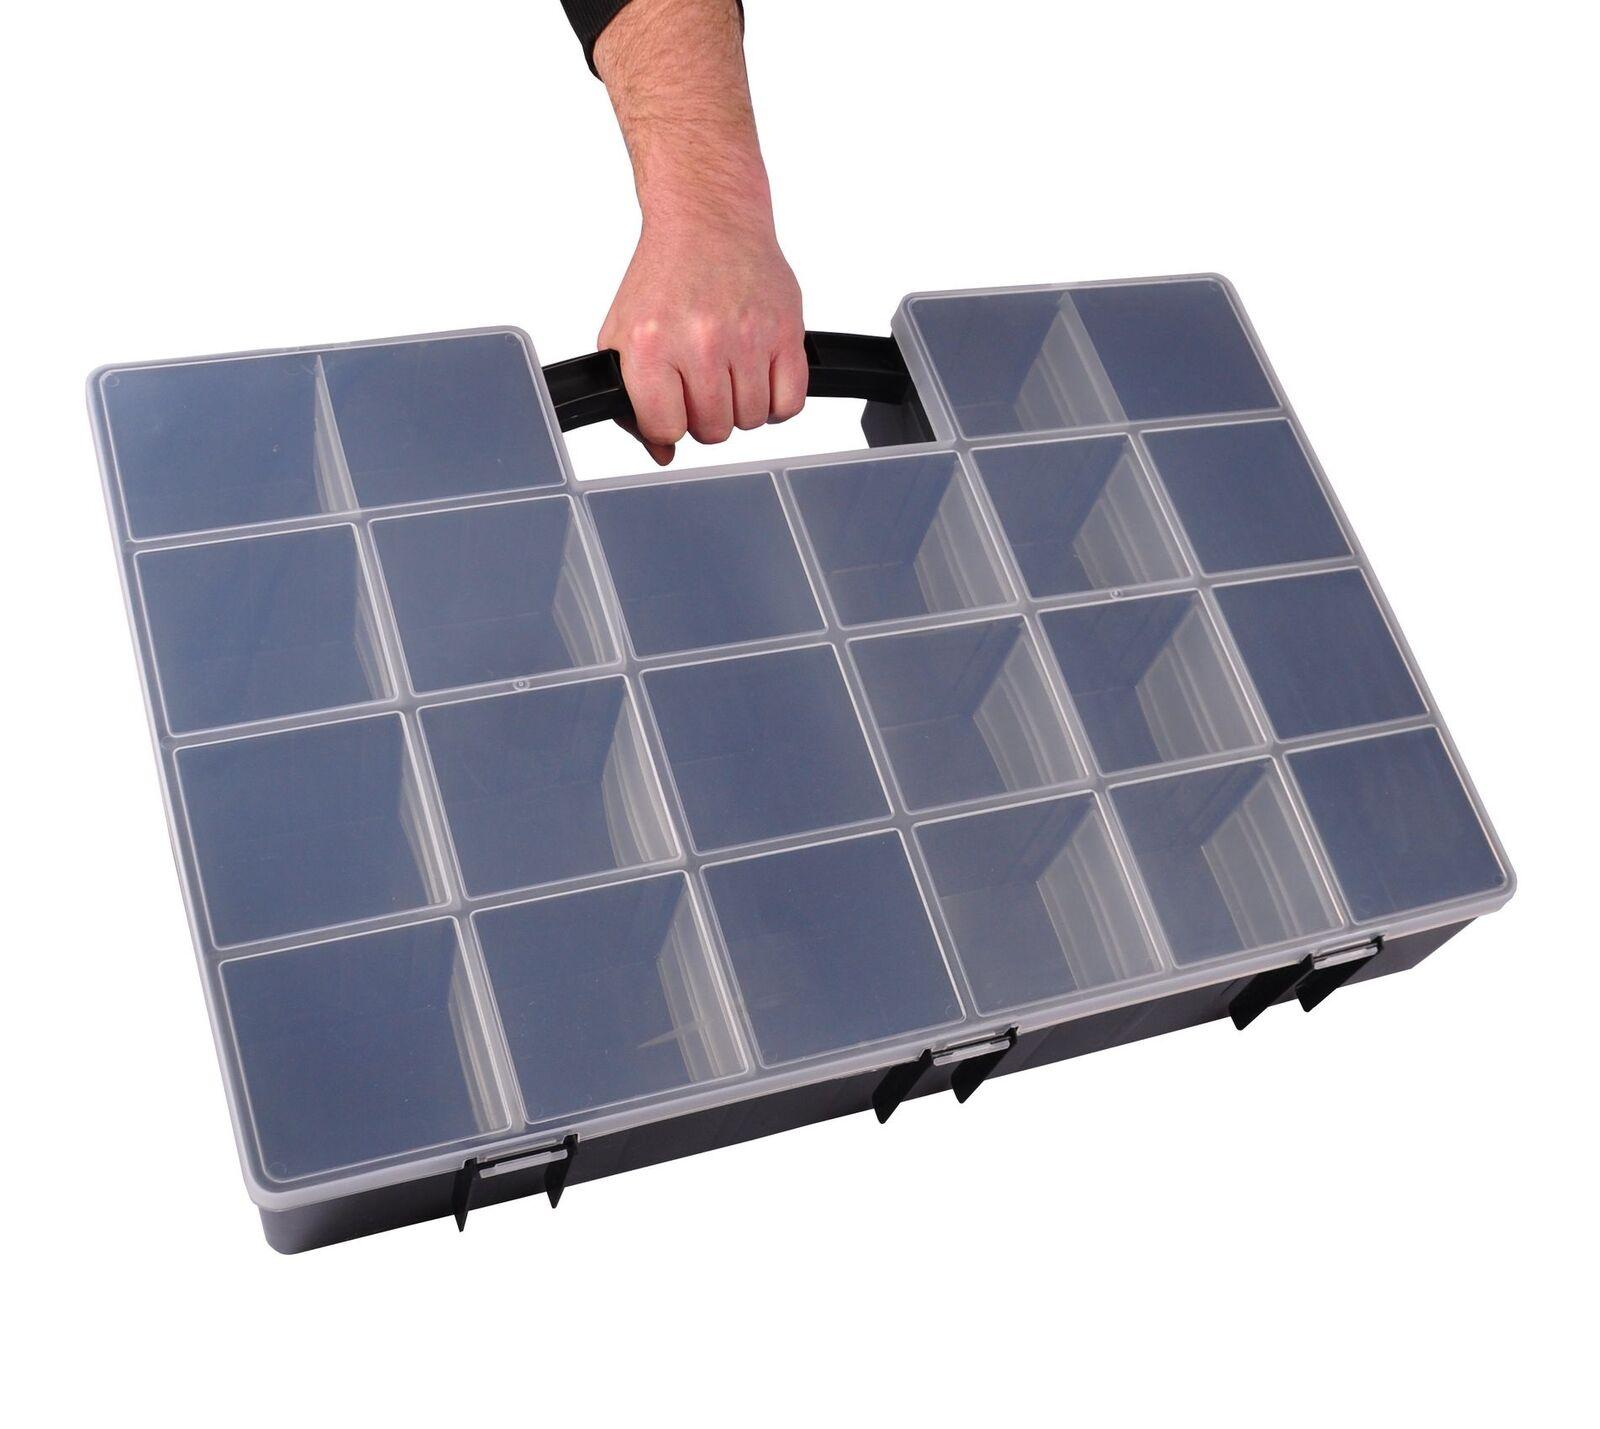 Sortimentskasten Organizer Sortierkasten Schraubenbox Kleinteilebox Tandem Serie